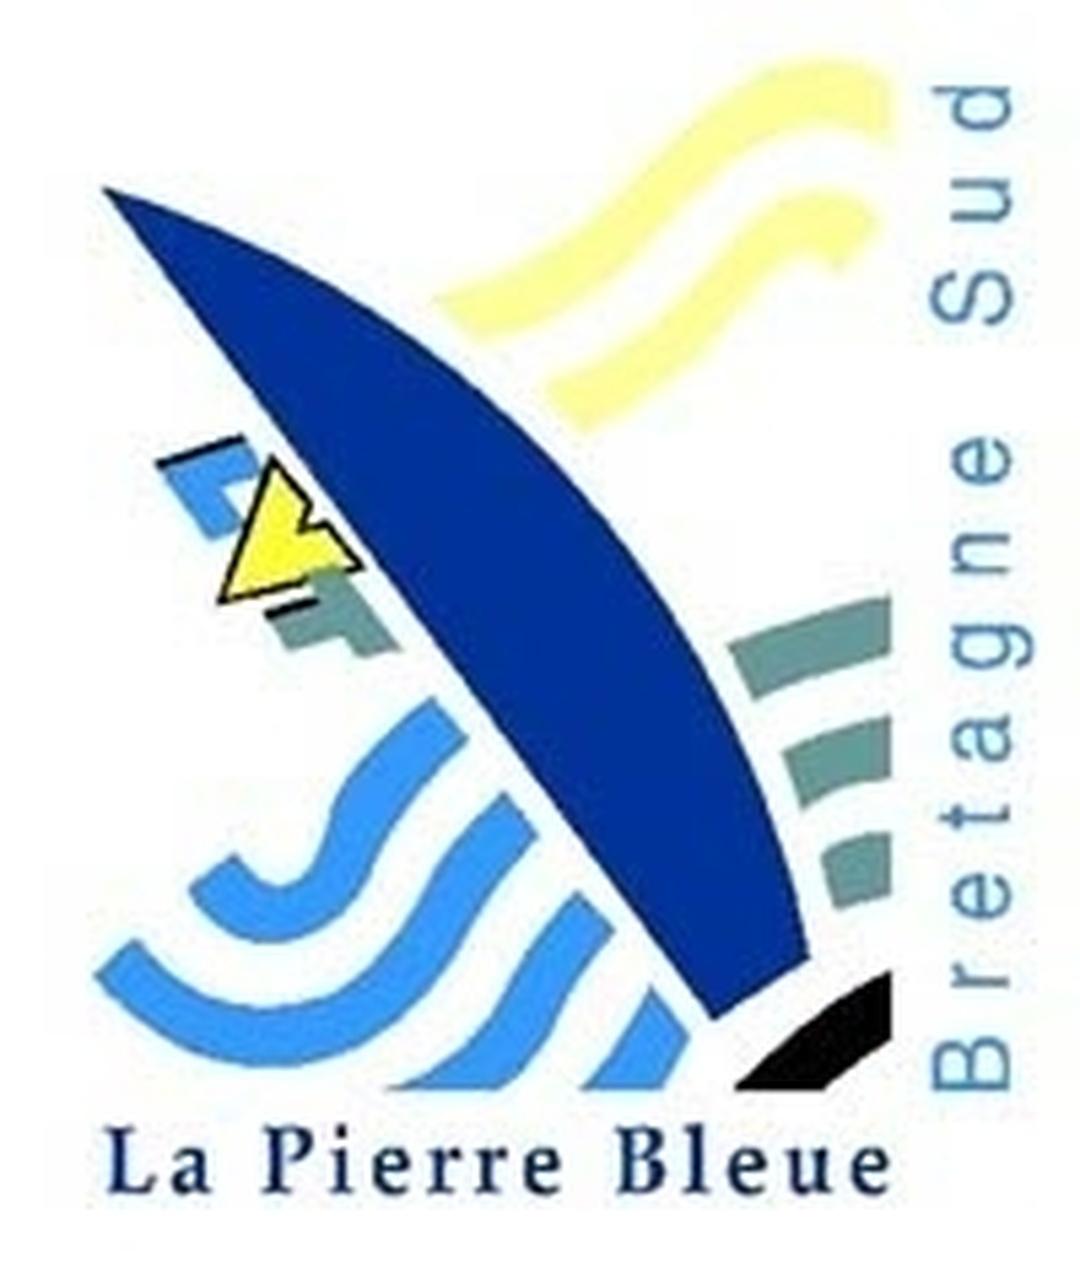 Photo of the February 5, 2016 6:49 PM, La Pierre Bleue, 2 Impasse de Kerdélan, 56730 Saint-Gildas-de-Rhuys, France